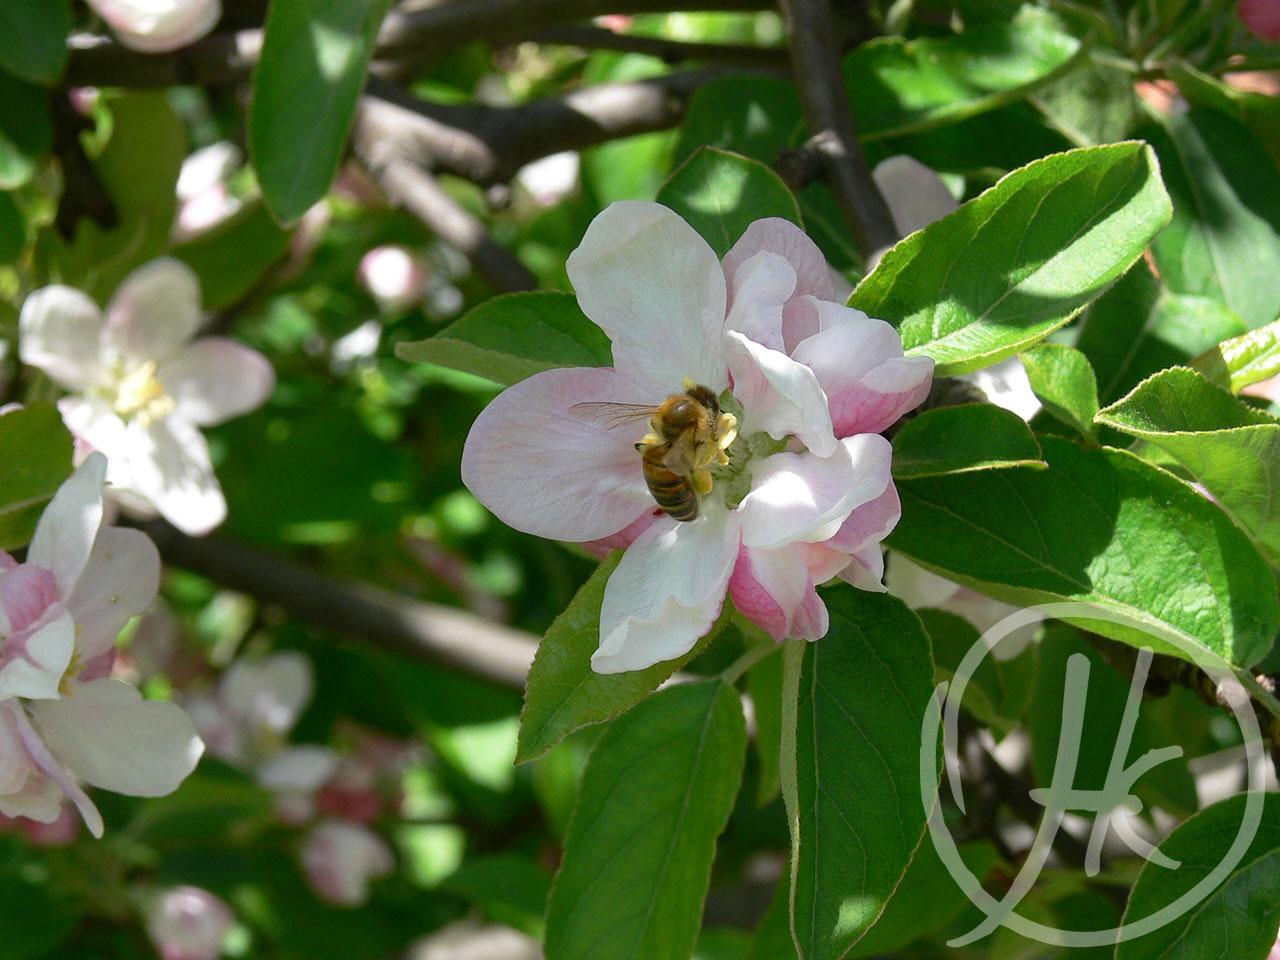 Blomsten og bien